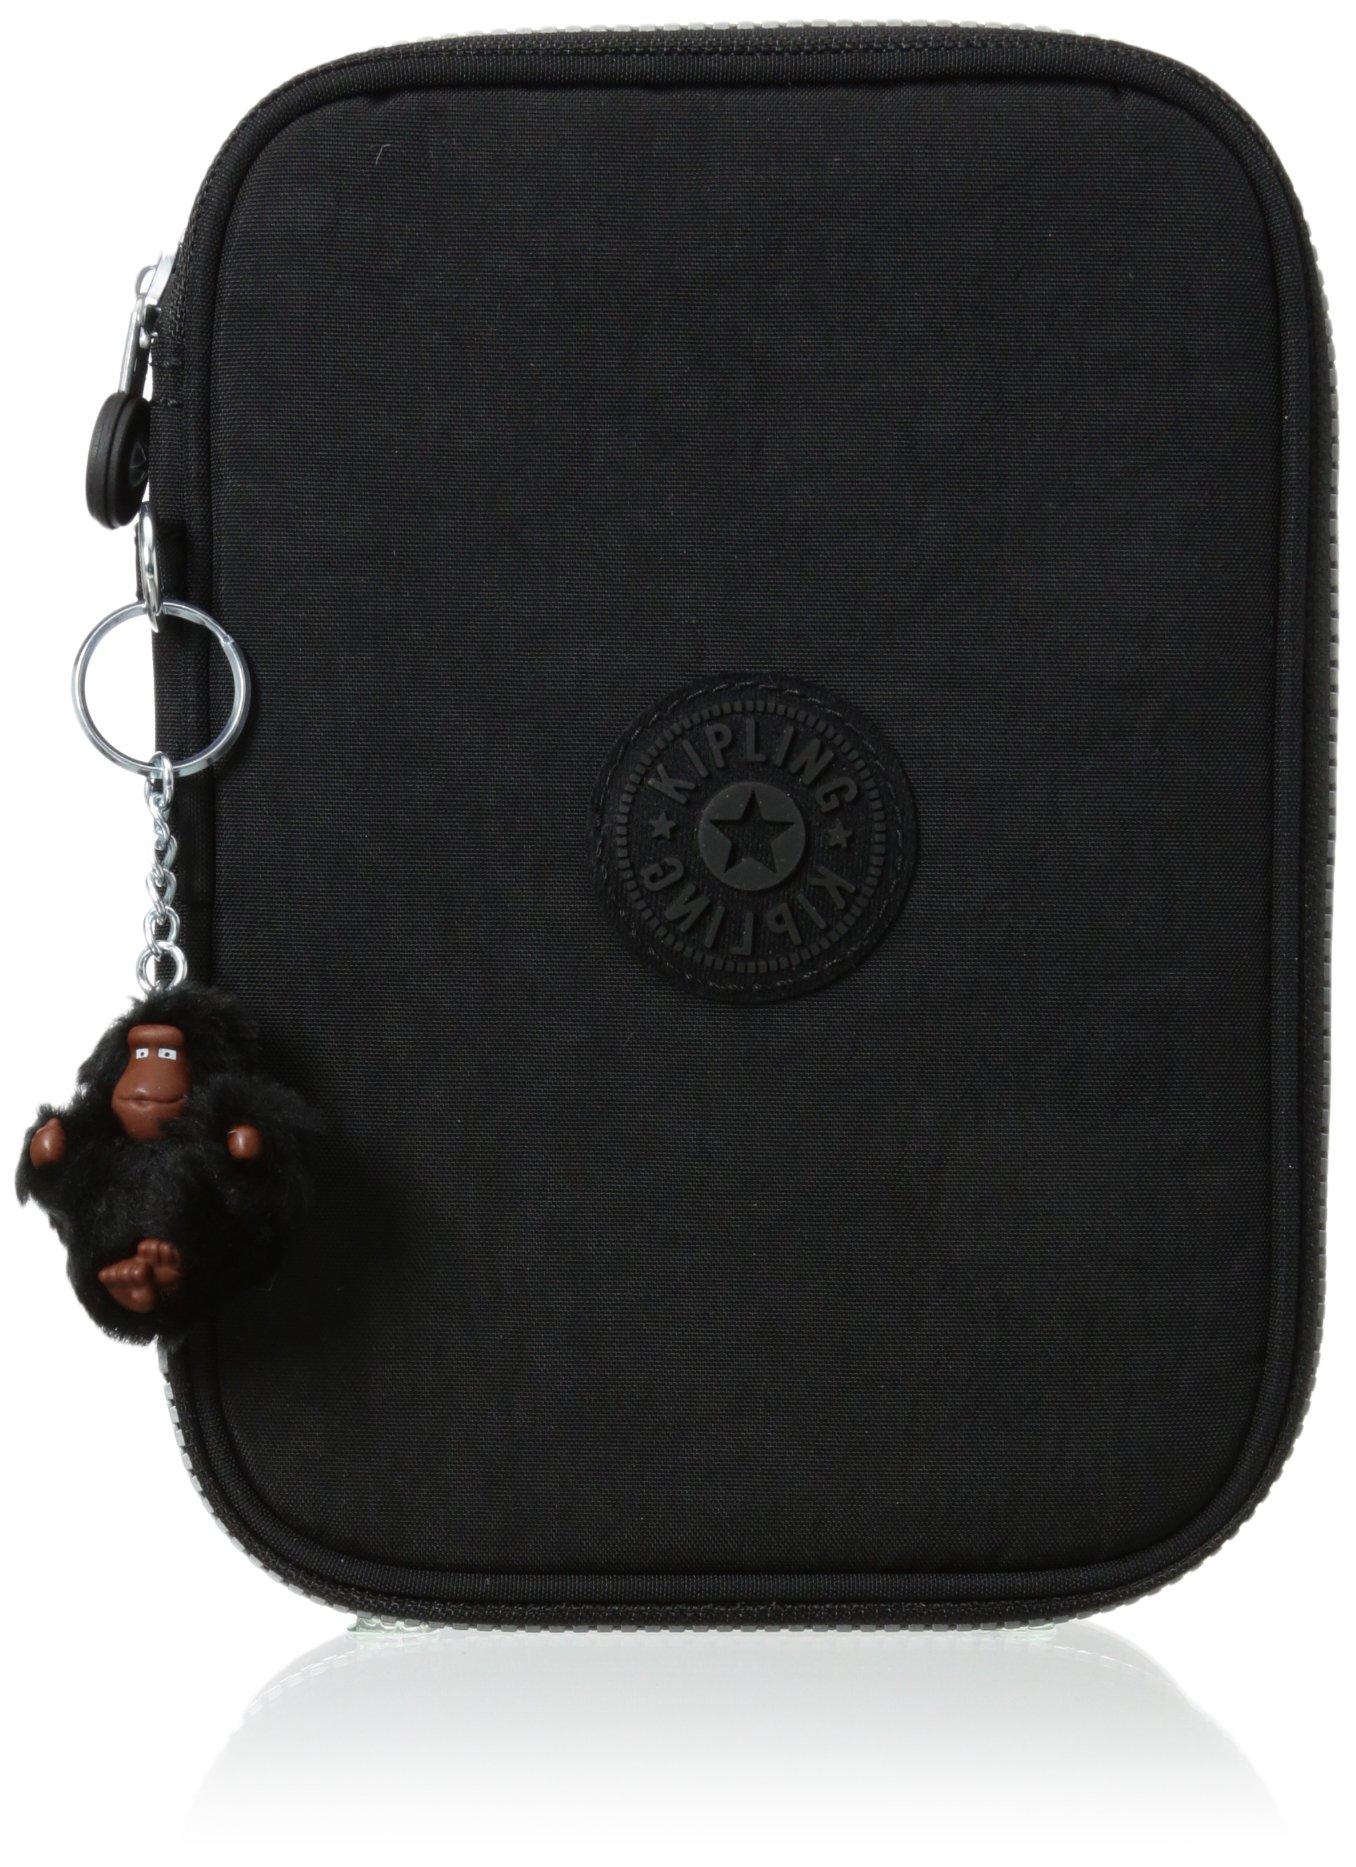 Kipling 100 Pen Case, Black, One Size by Kipling